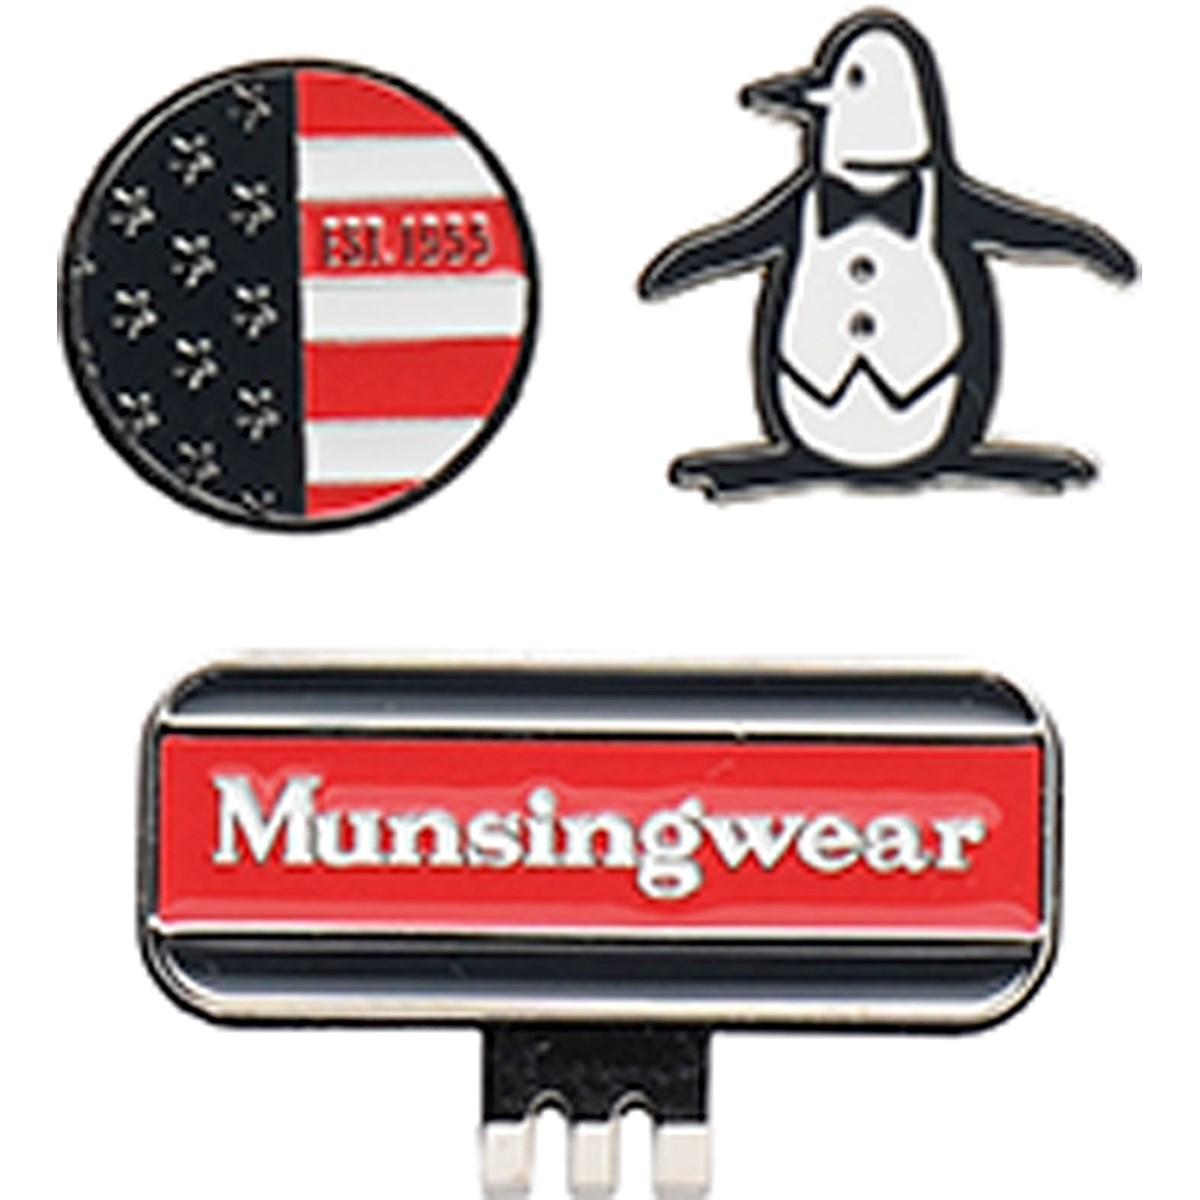 [定番モデル] マンシングウェア Munsingwear マーカー 2個セット ネイビー 00 メンズ ゴルフ